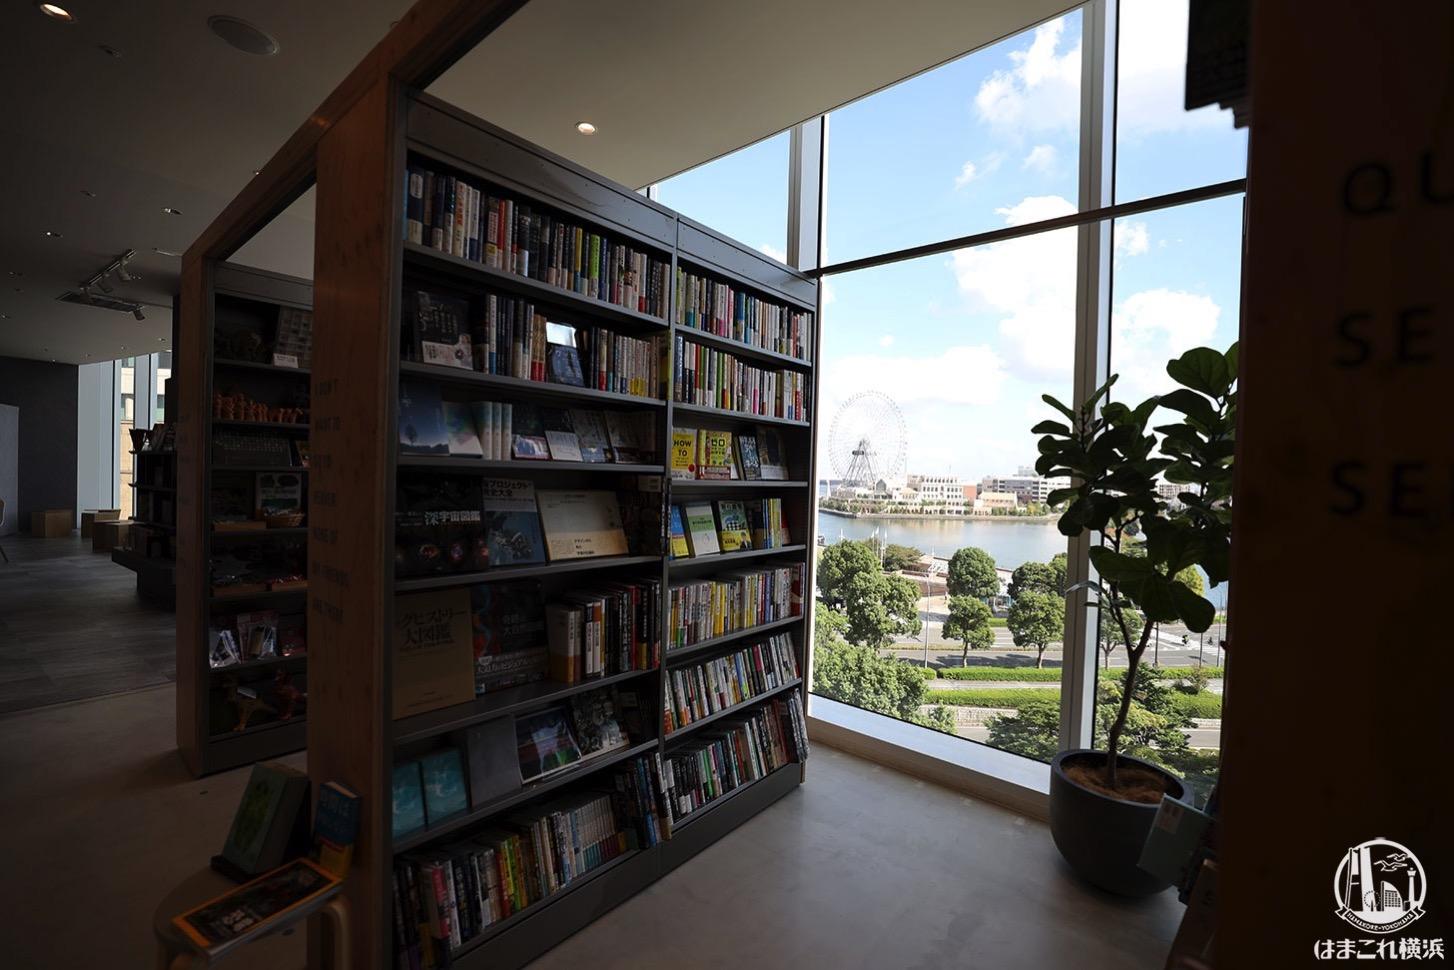 有隣堂ブックカフェ「STORY STORY YOKOHAMA」